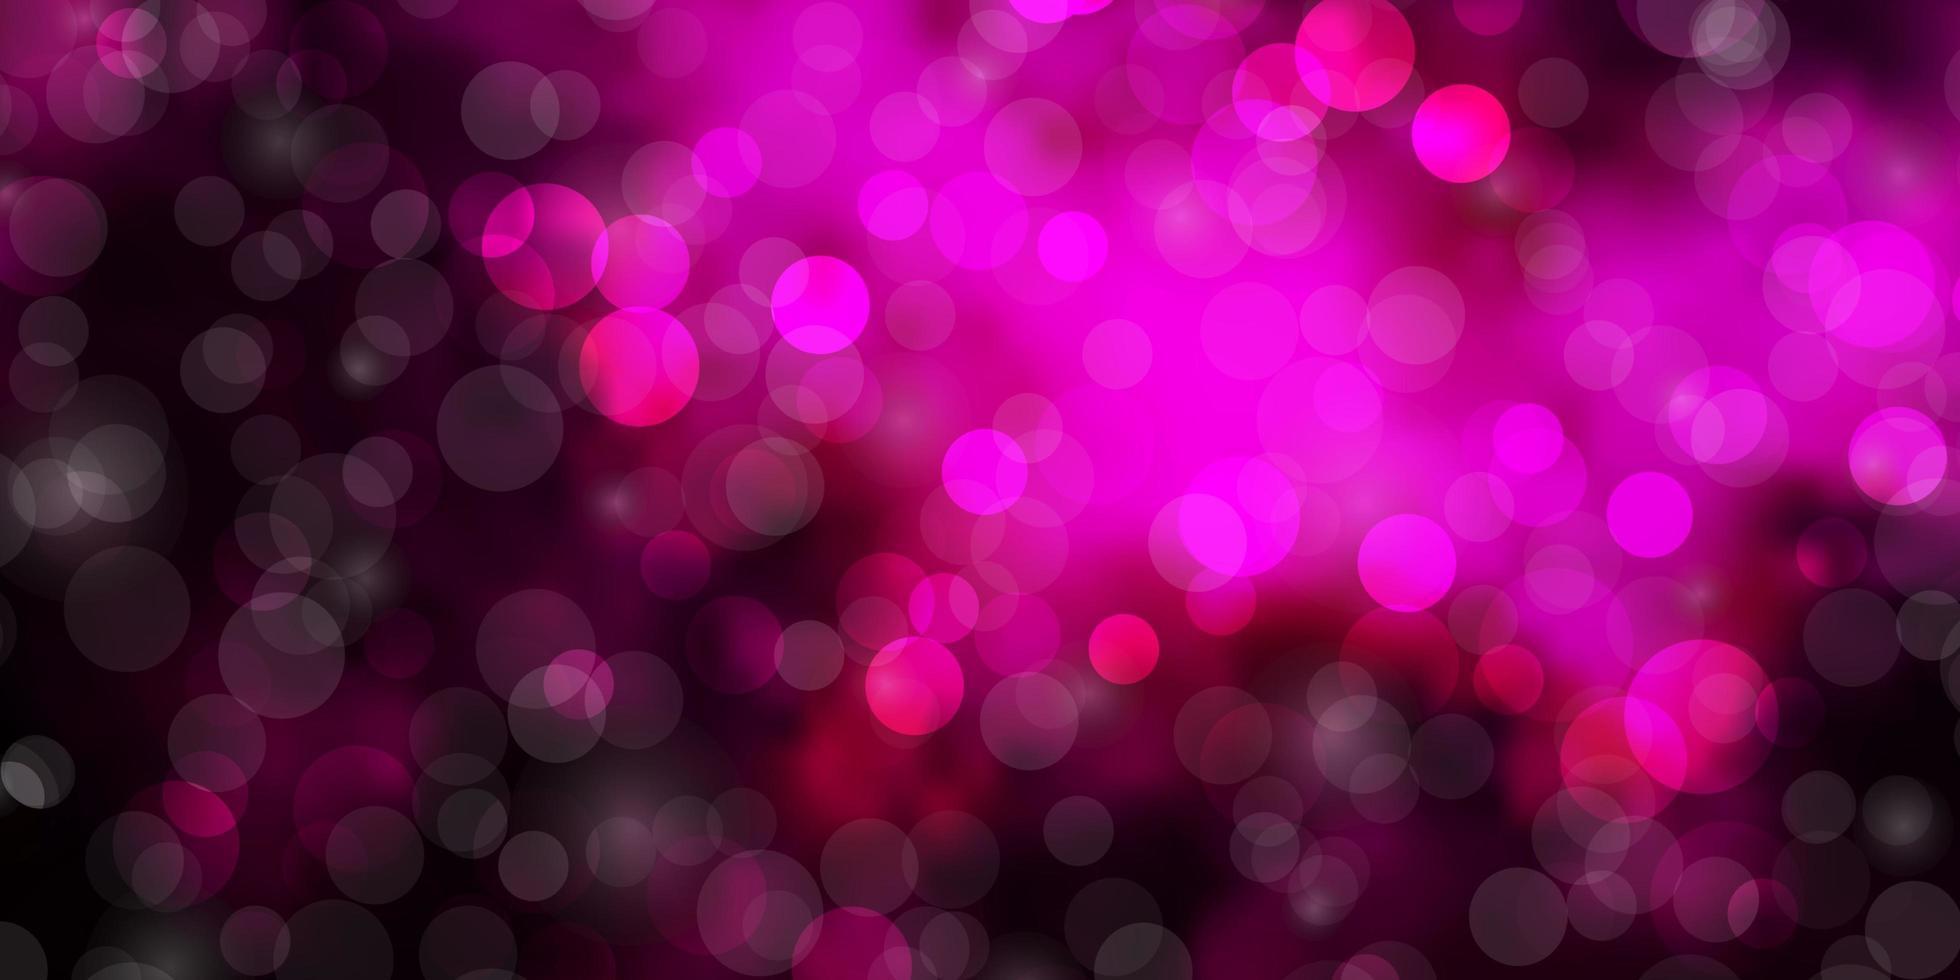 patrón de vector de color rosa oscuro con círculos.